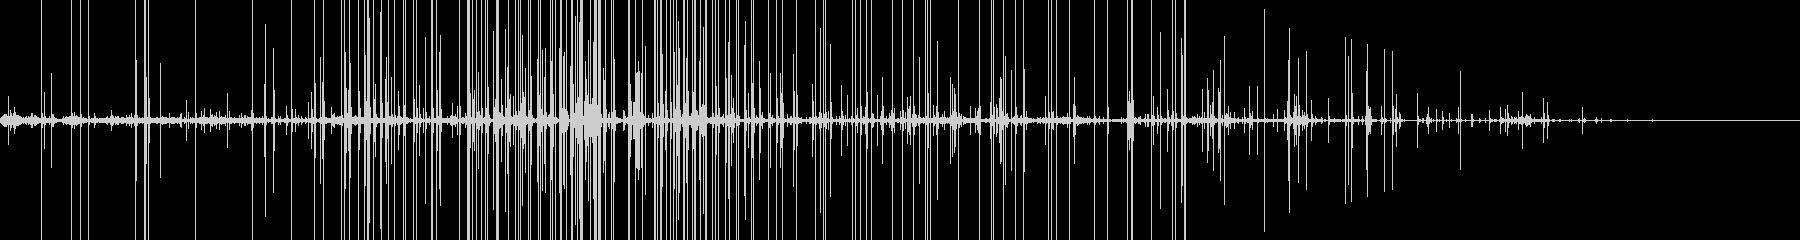 ミシミシパチパチ…藁の上を歩く足音&火の未再生の波形